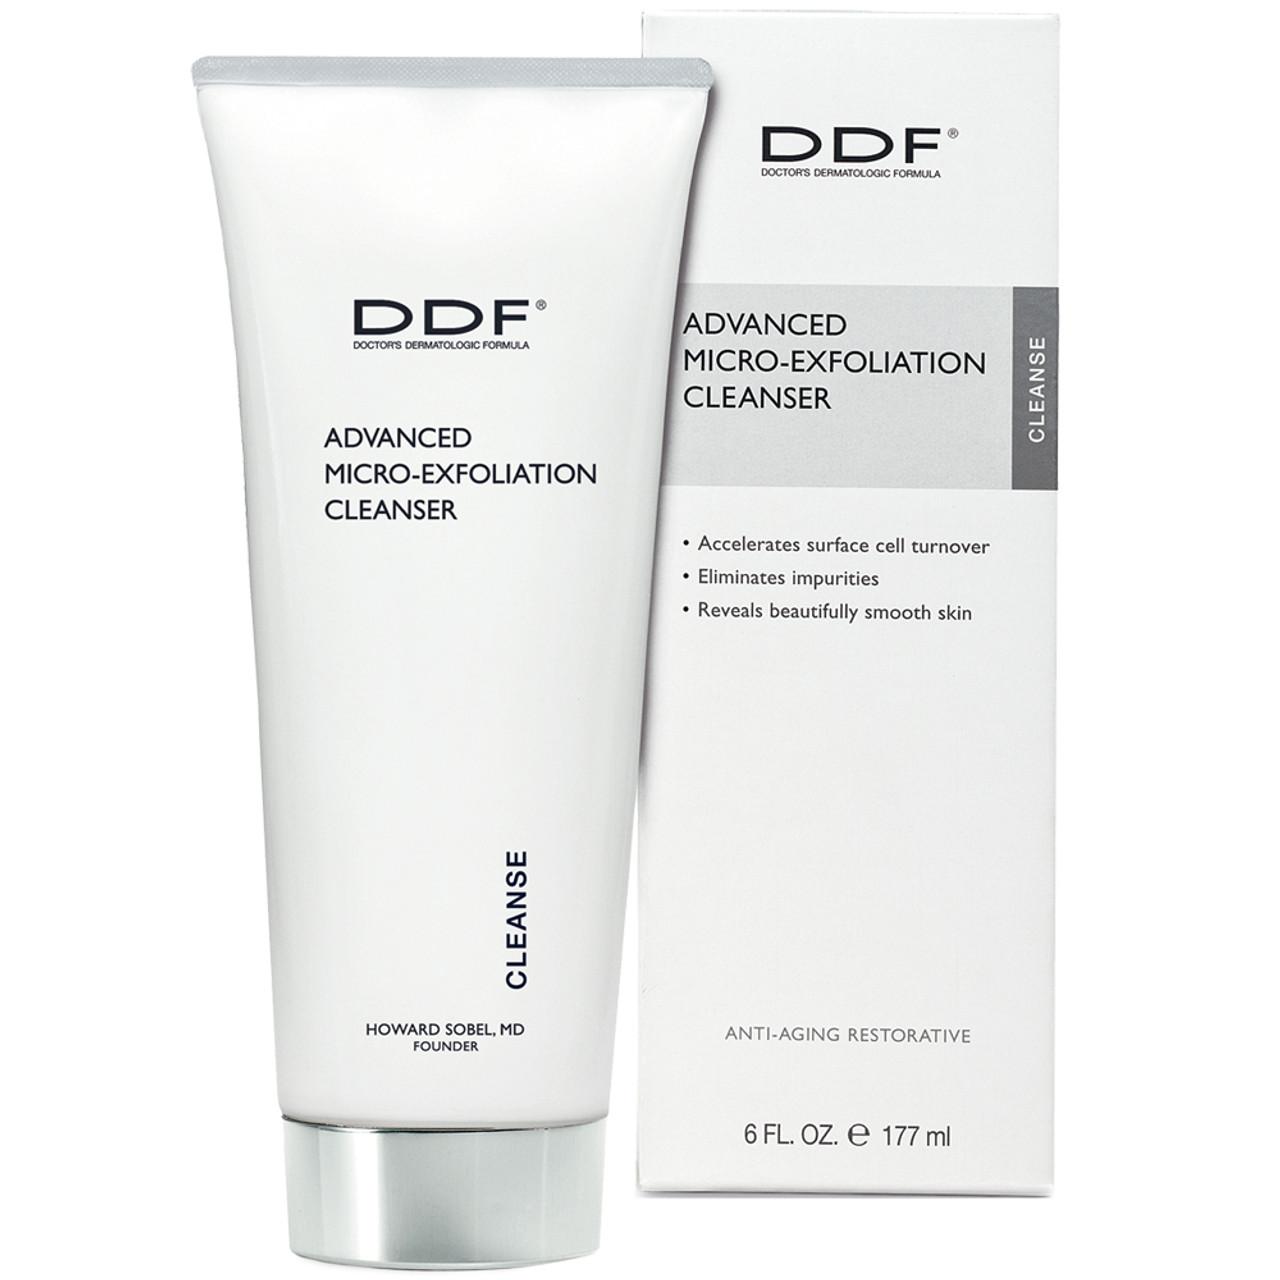 DDF Advanced Micro-Exfoliation Cleanser BeautifiedYou.com